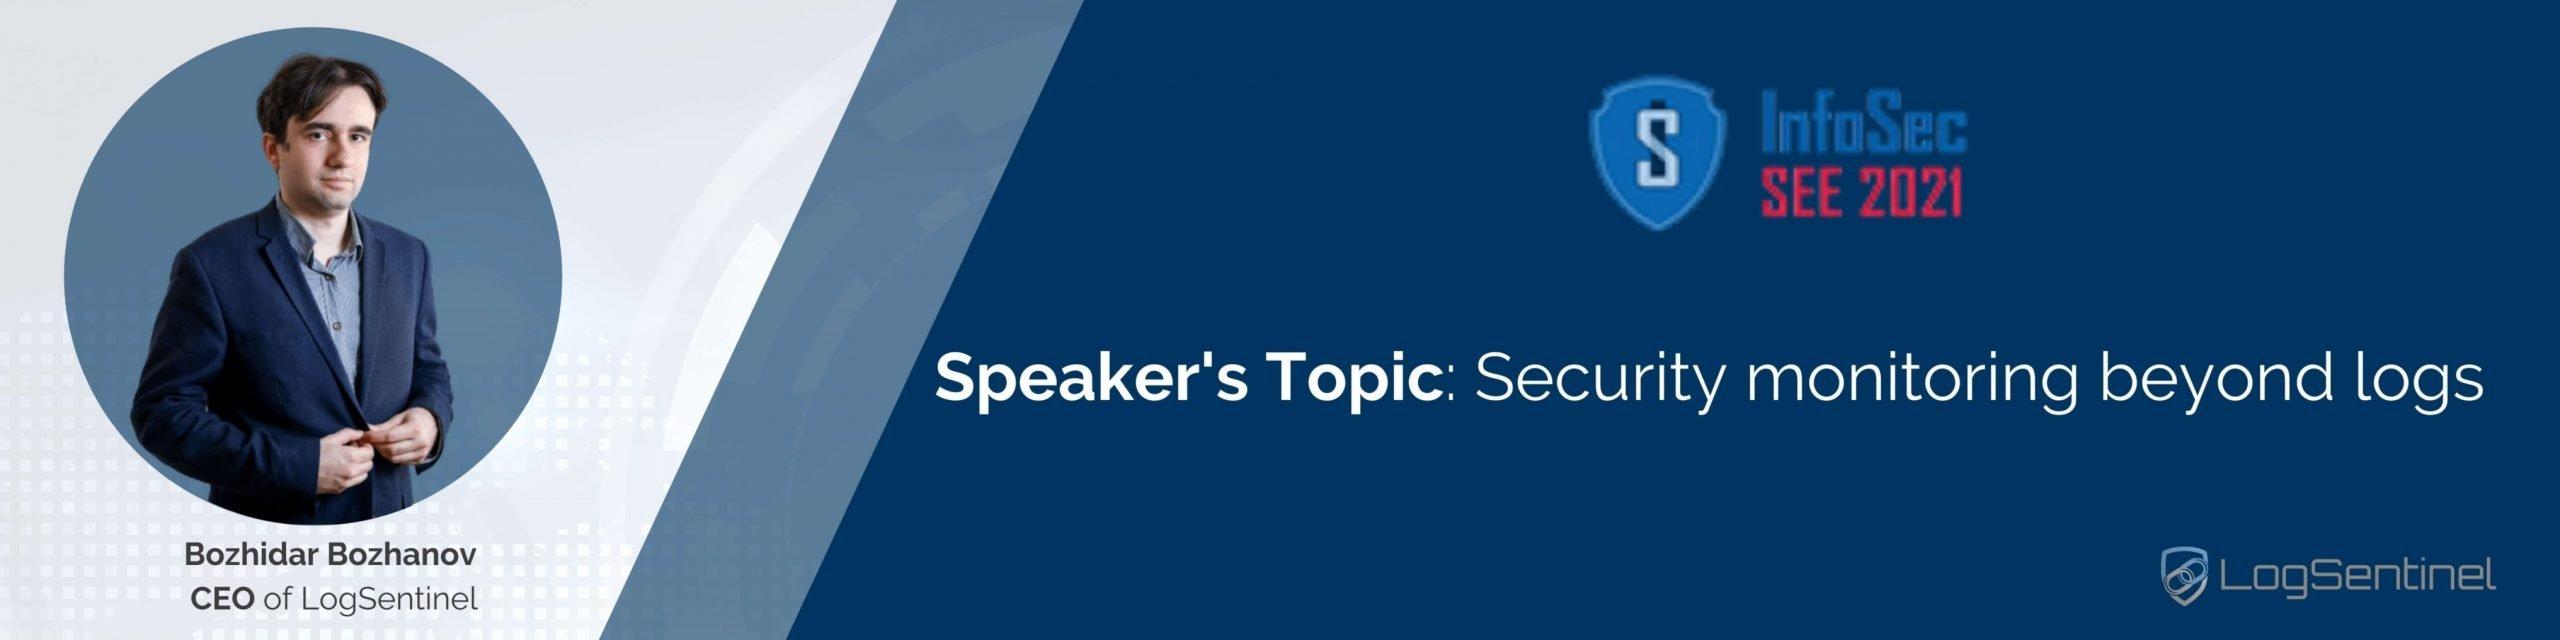 Bozhidar Bozhanov Speaker InfoSec 2021 SEE